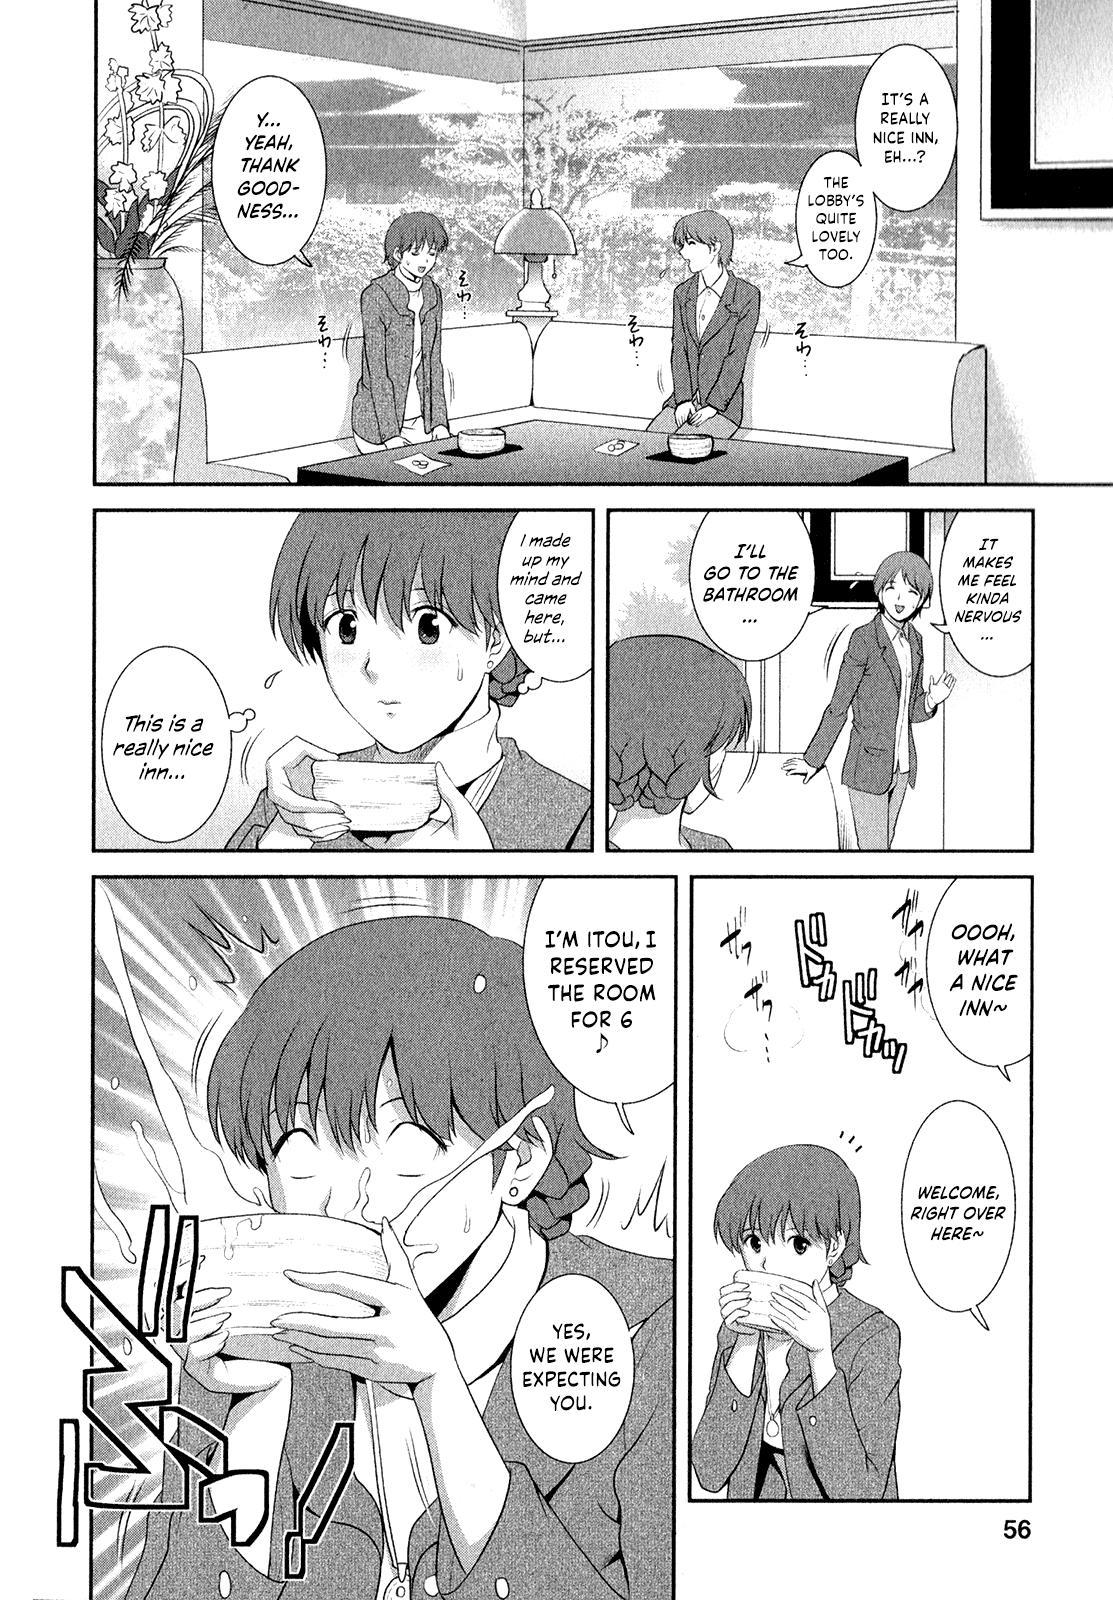 [Saigado] Hitozuma Audrey-san no Himitsu ~30-sai kara no Furyou Tsuma Kouza~ - Vol. 2 [English] {Hennojin} 58